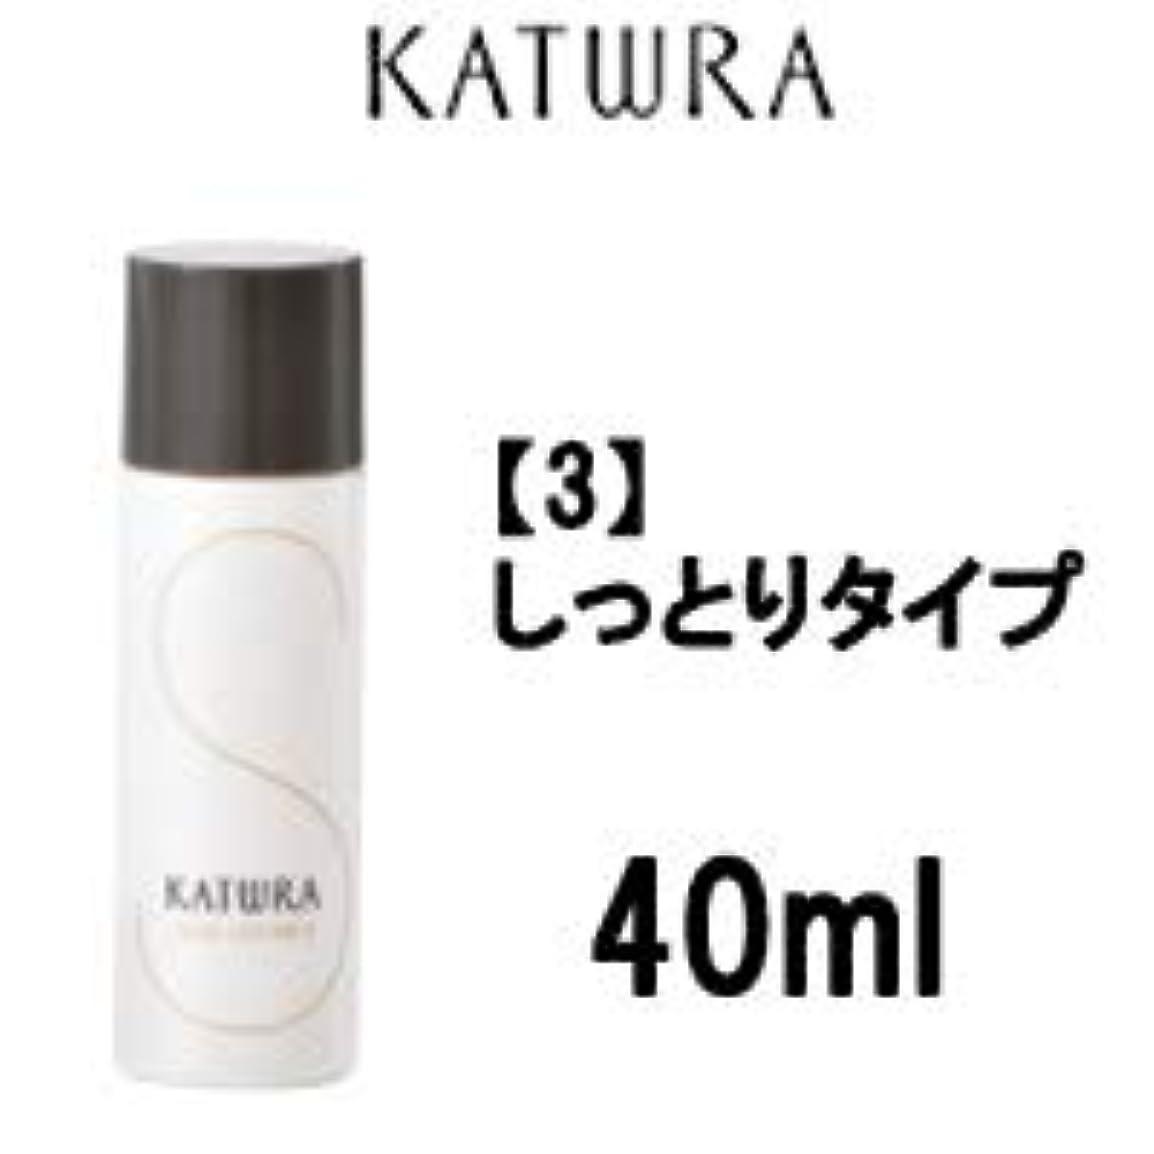 コマース懐疑的ジョグカツウラ化粧品 スキンローションA 40ml (3 しっとりタイプ)